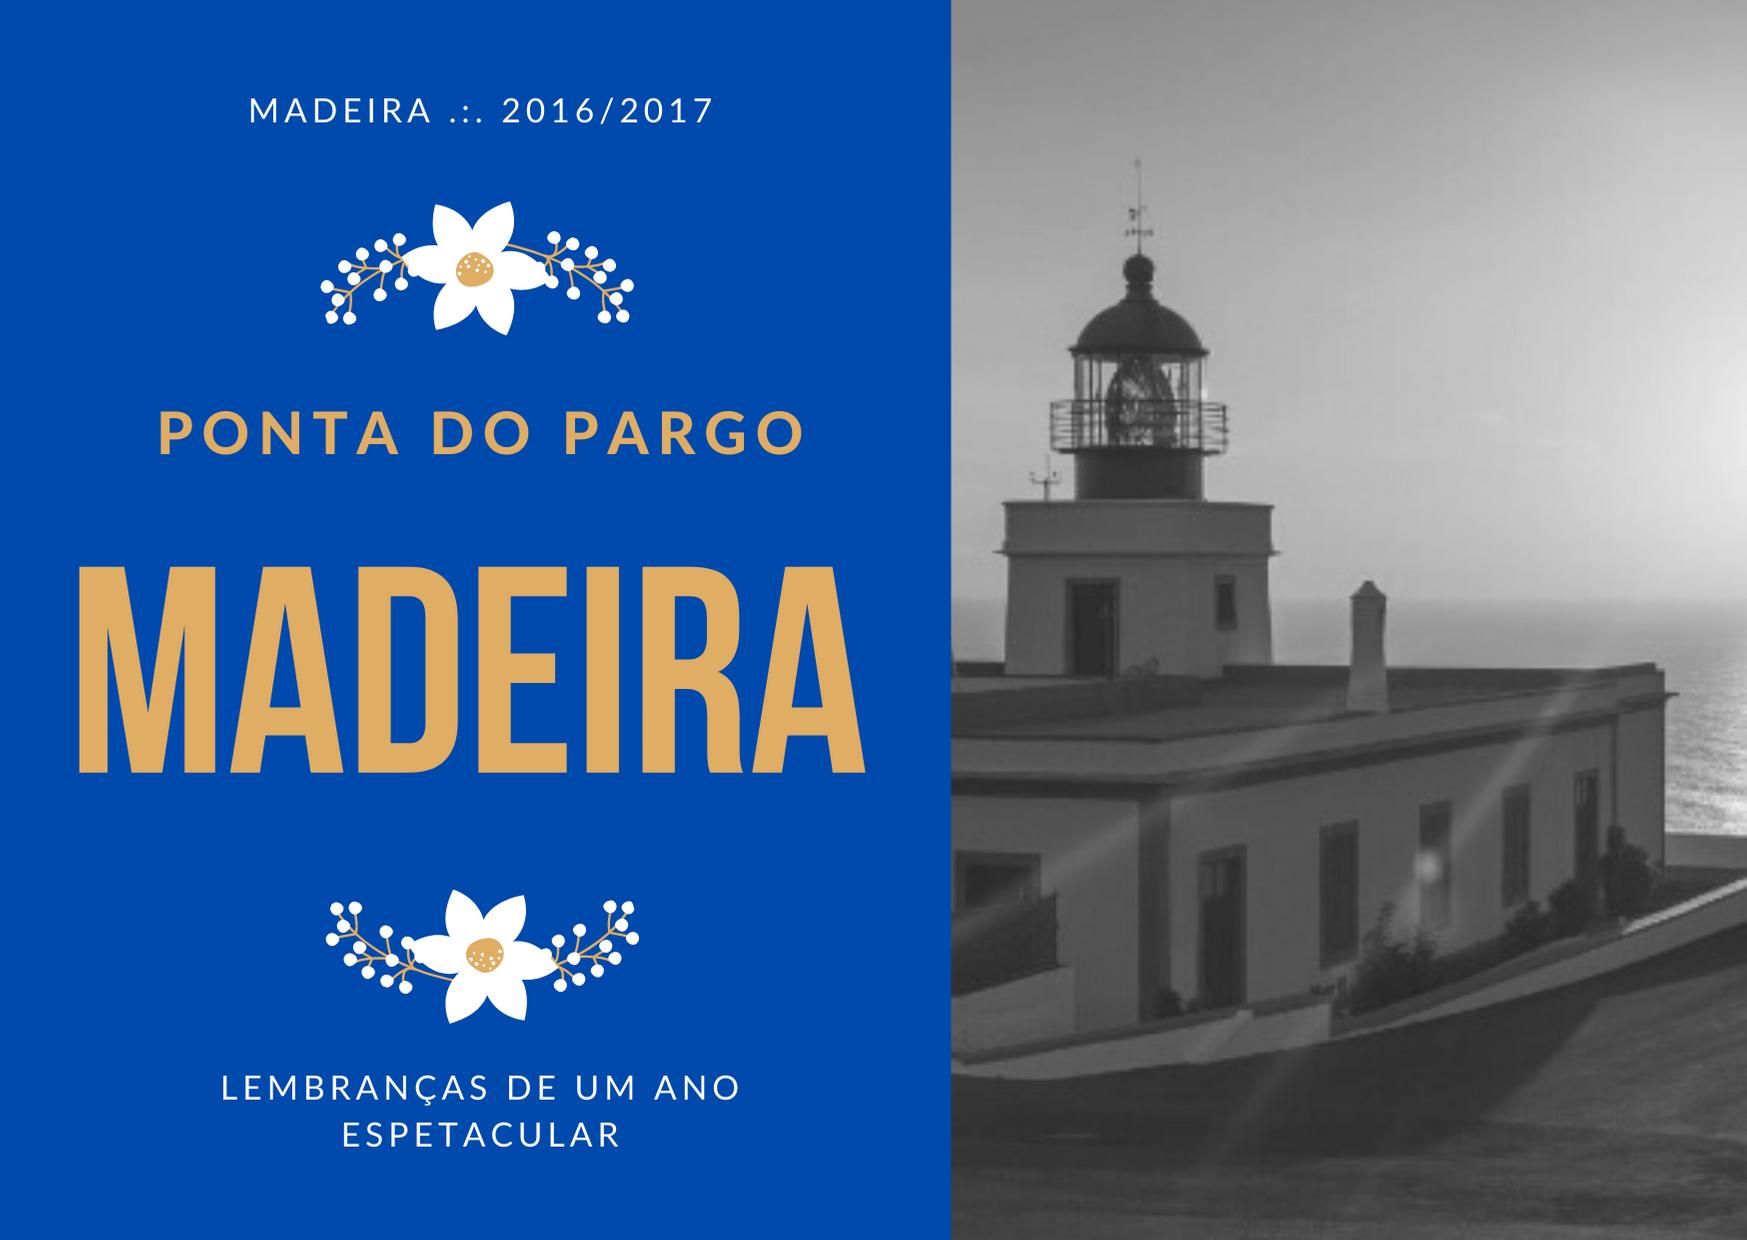 Madeira .:. Ponta do Pargo : 2016/2017